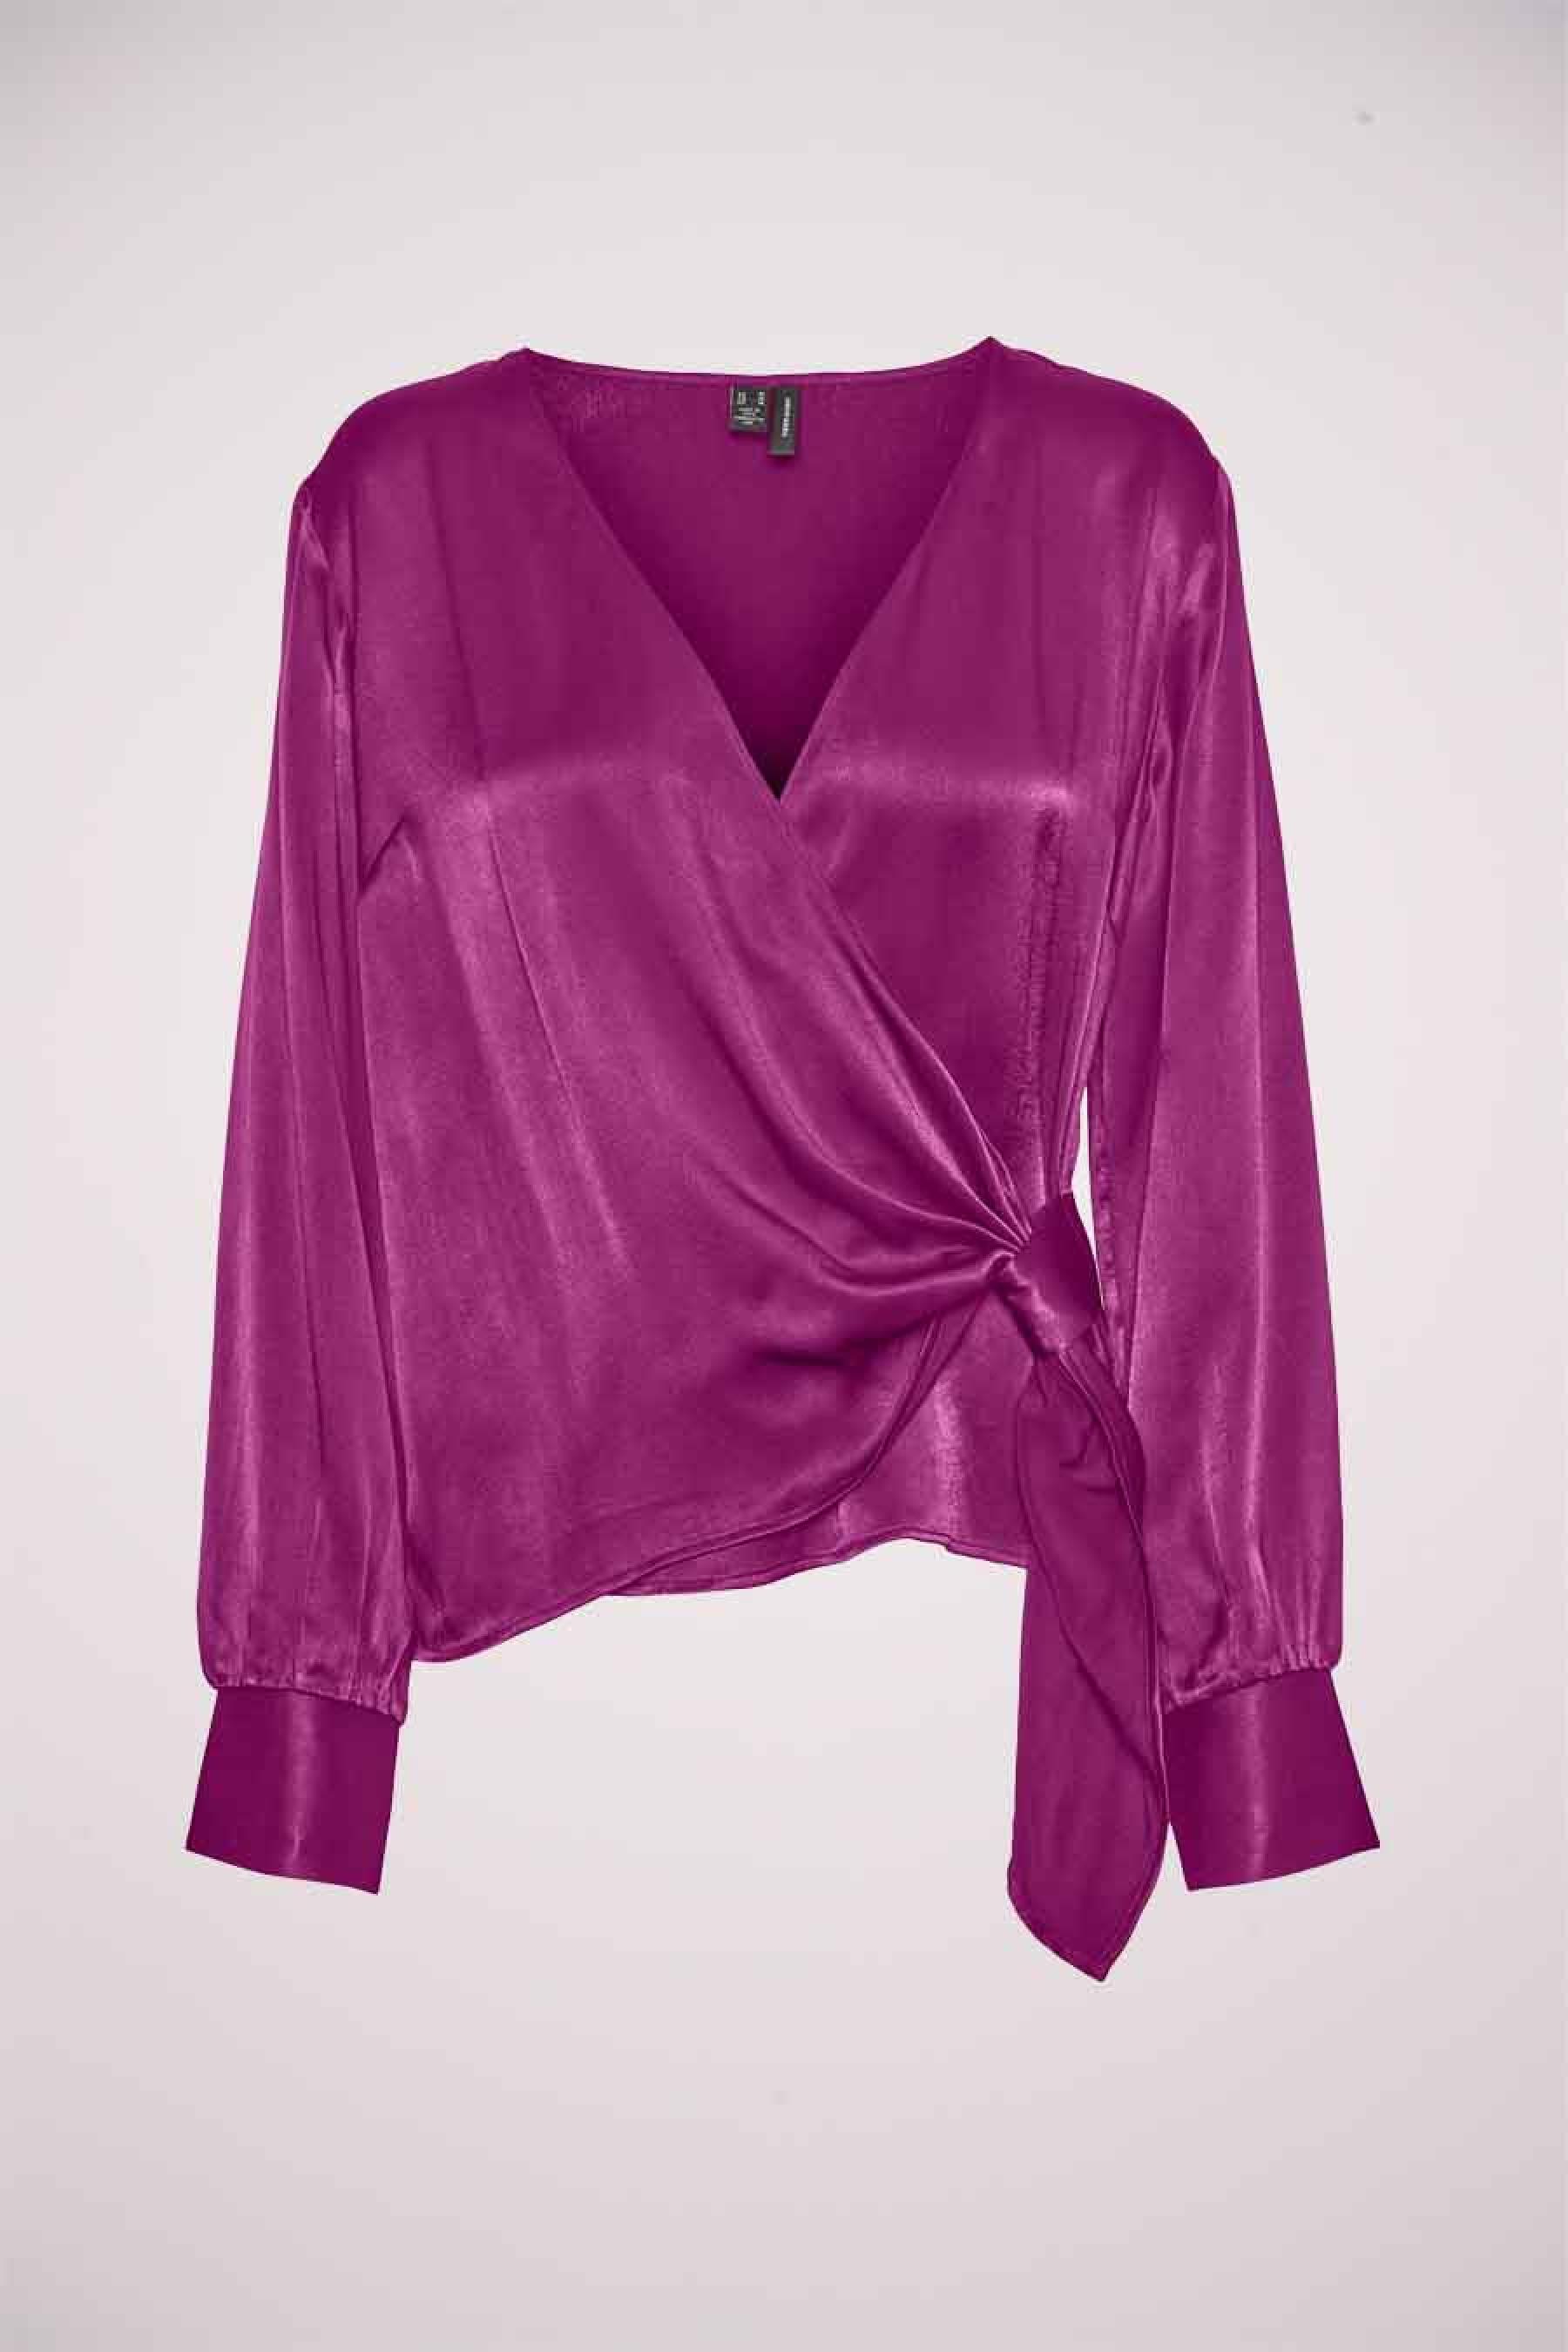 Vero Moda® Blouse lange mouwen, Roze, Dames, Maat: L/M/S/XL